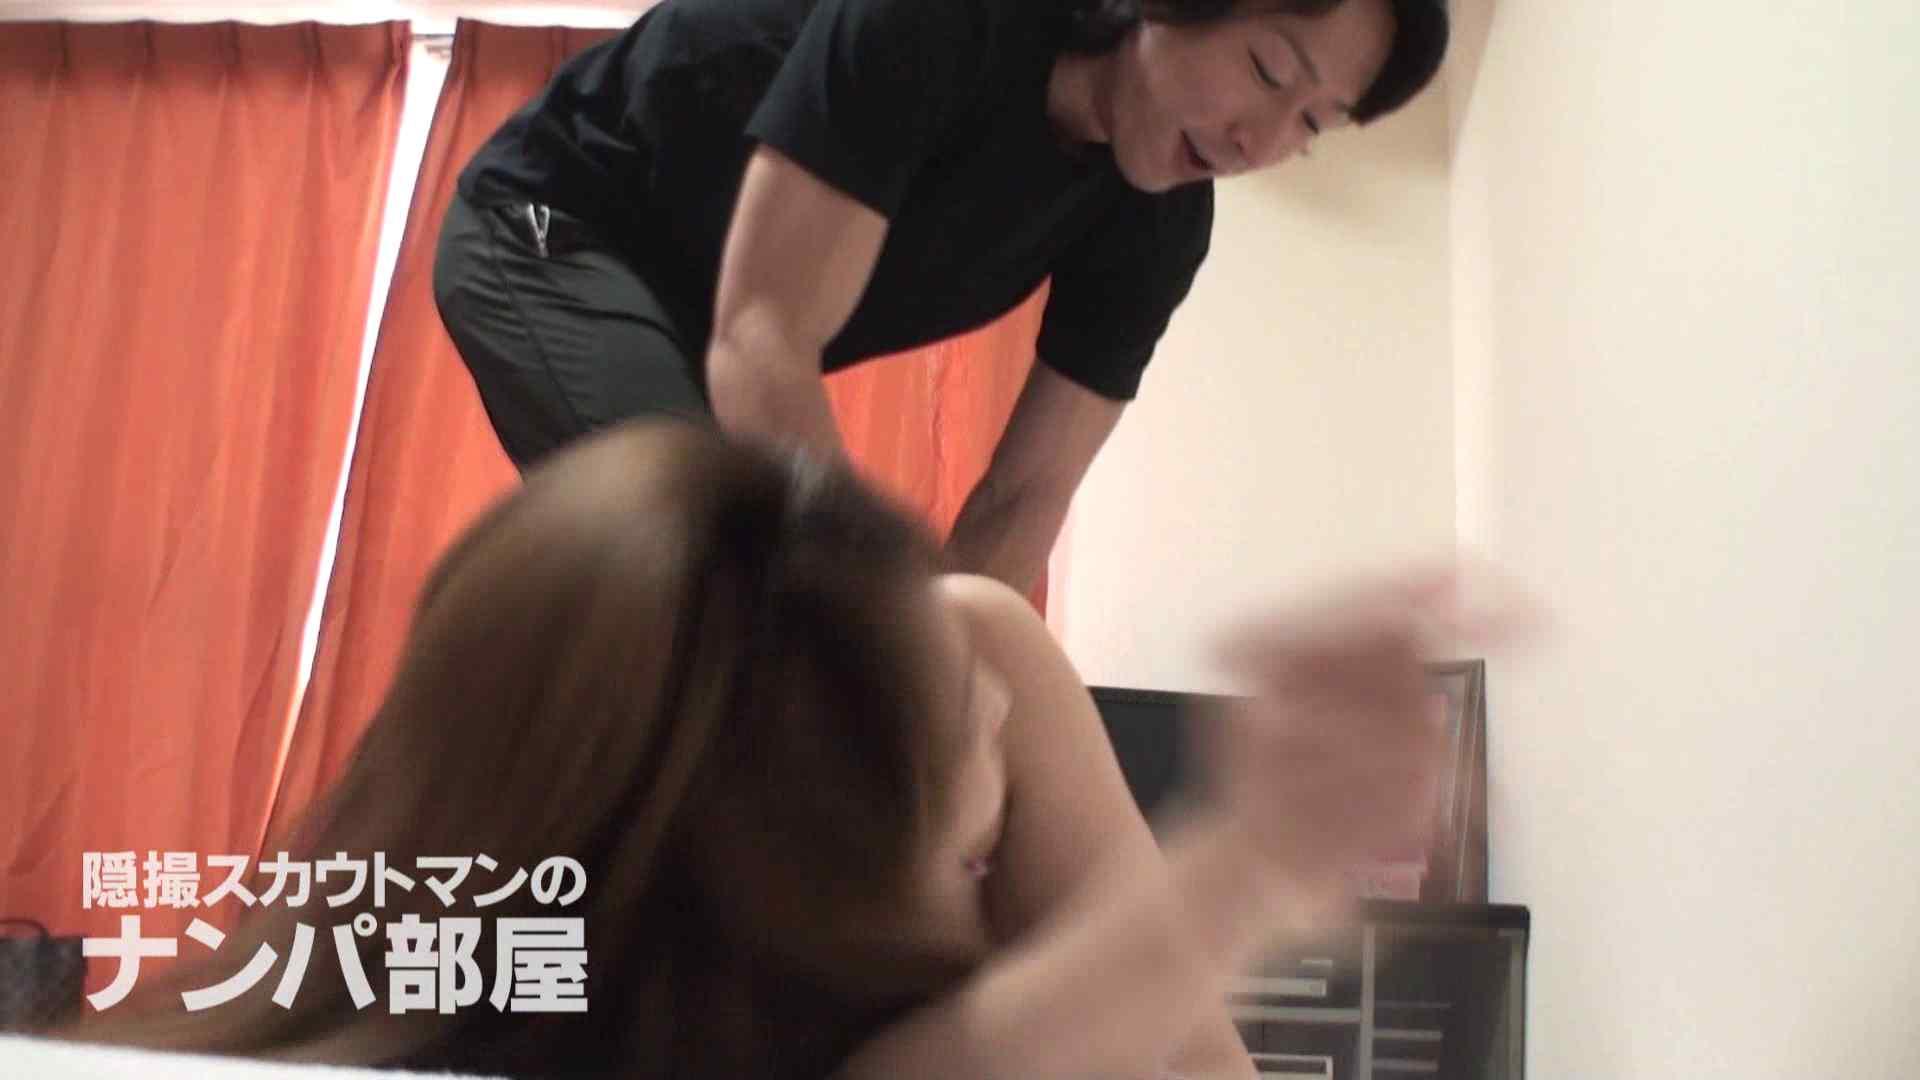 隠撮スカウトマンのナンパ部屋~風俗デビュー前のつまみ食い~ siivol.2 脱衣所  81PIX 45